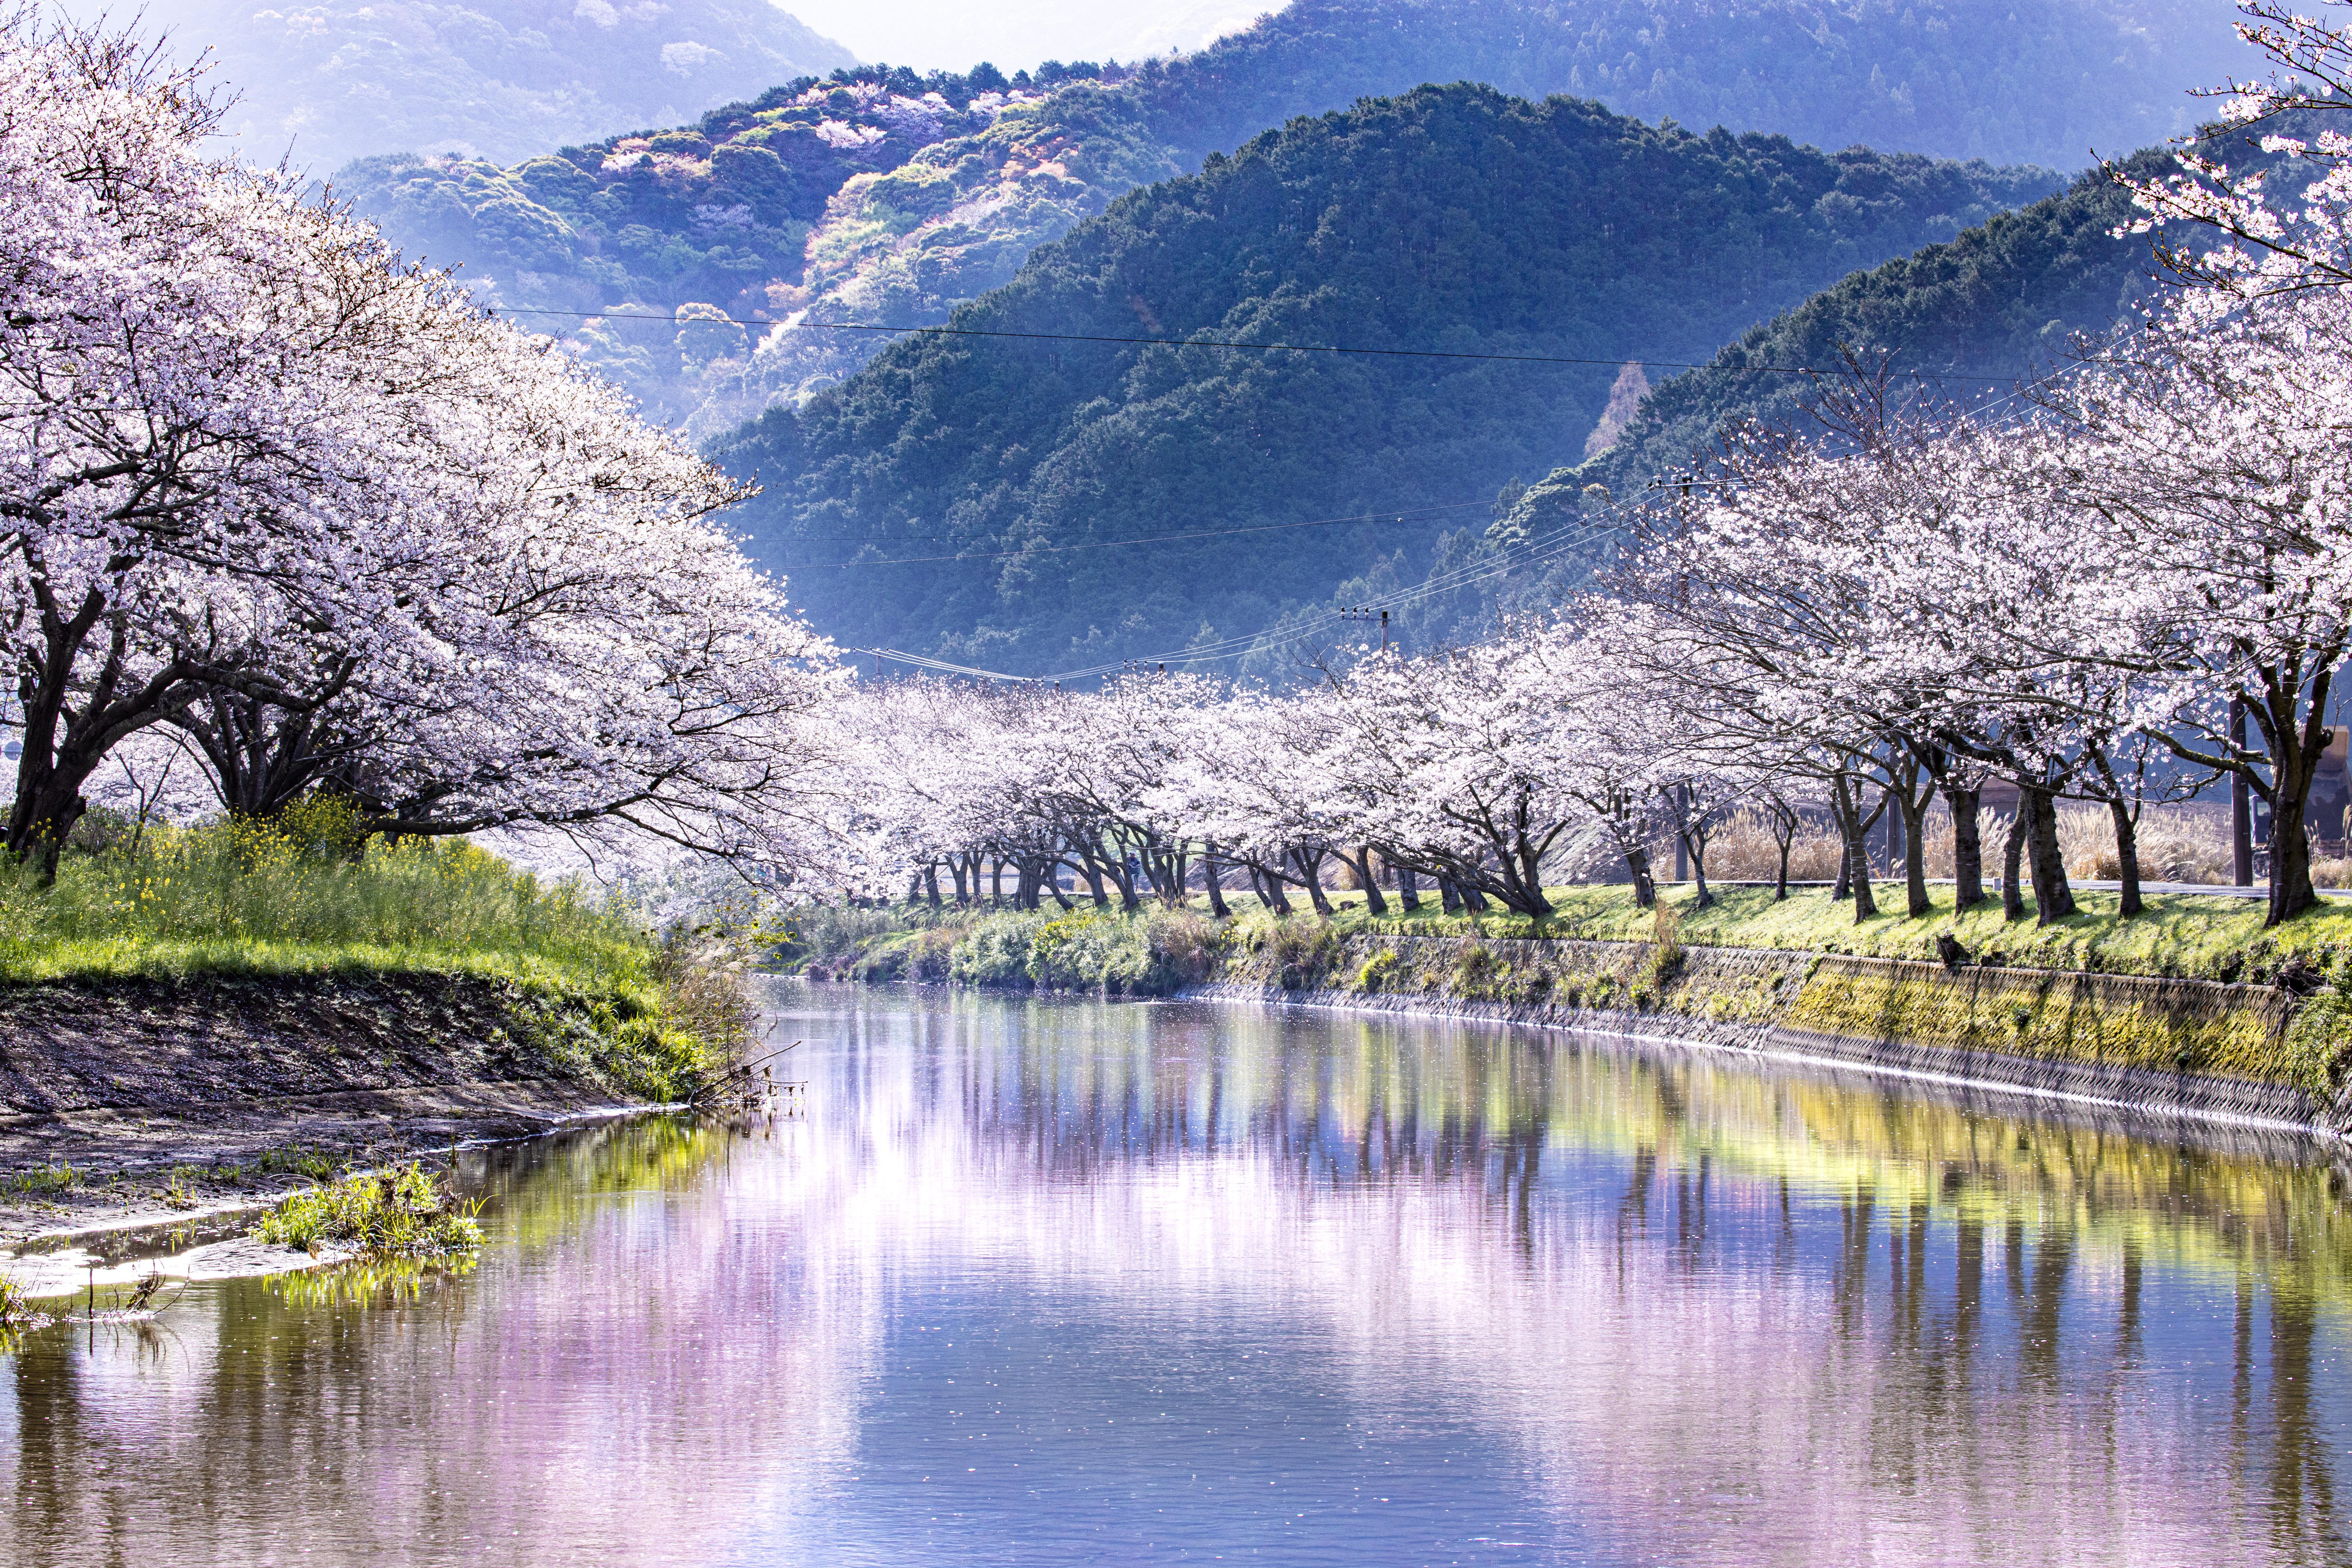 那賀川堤(ナカガワツツミ)